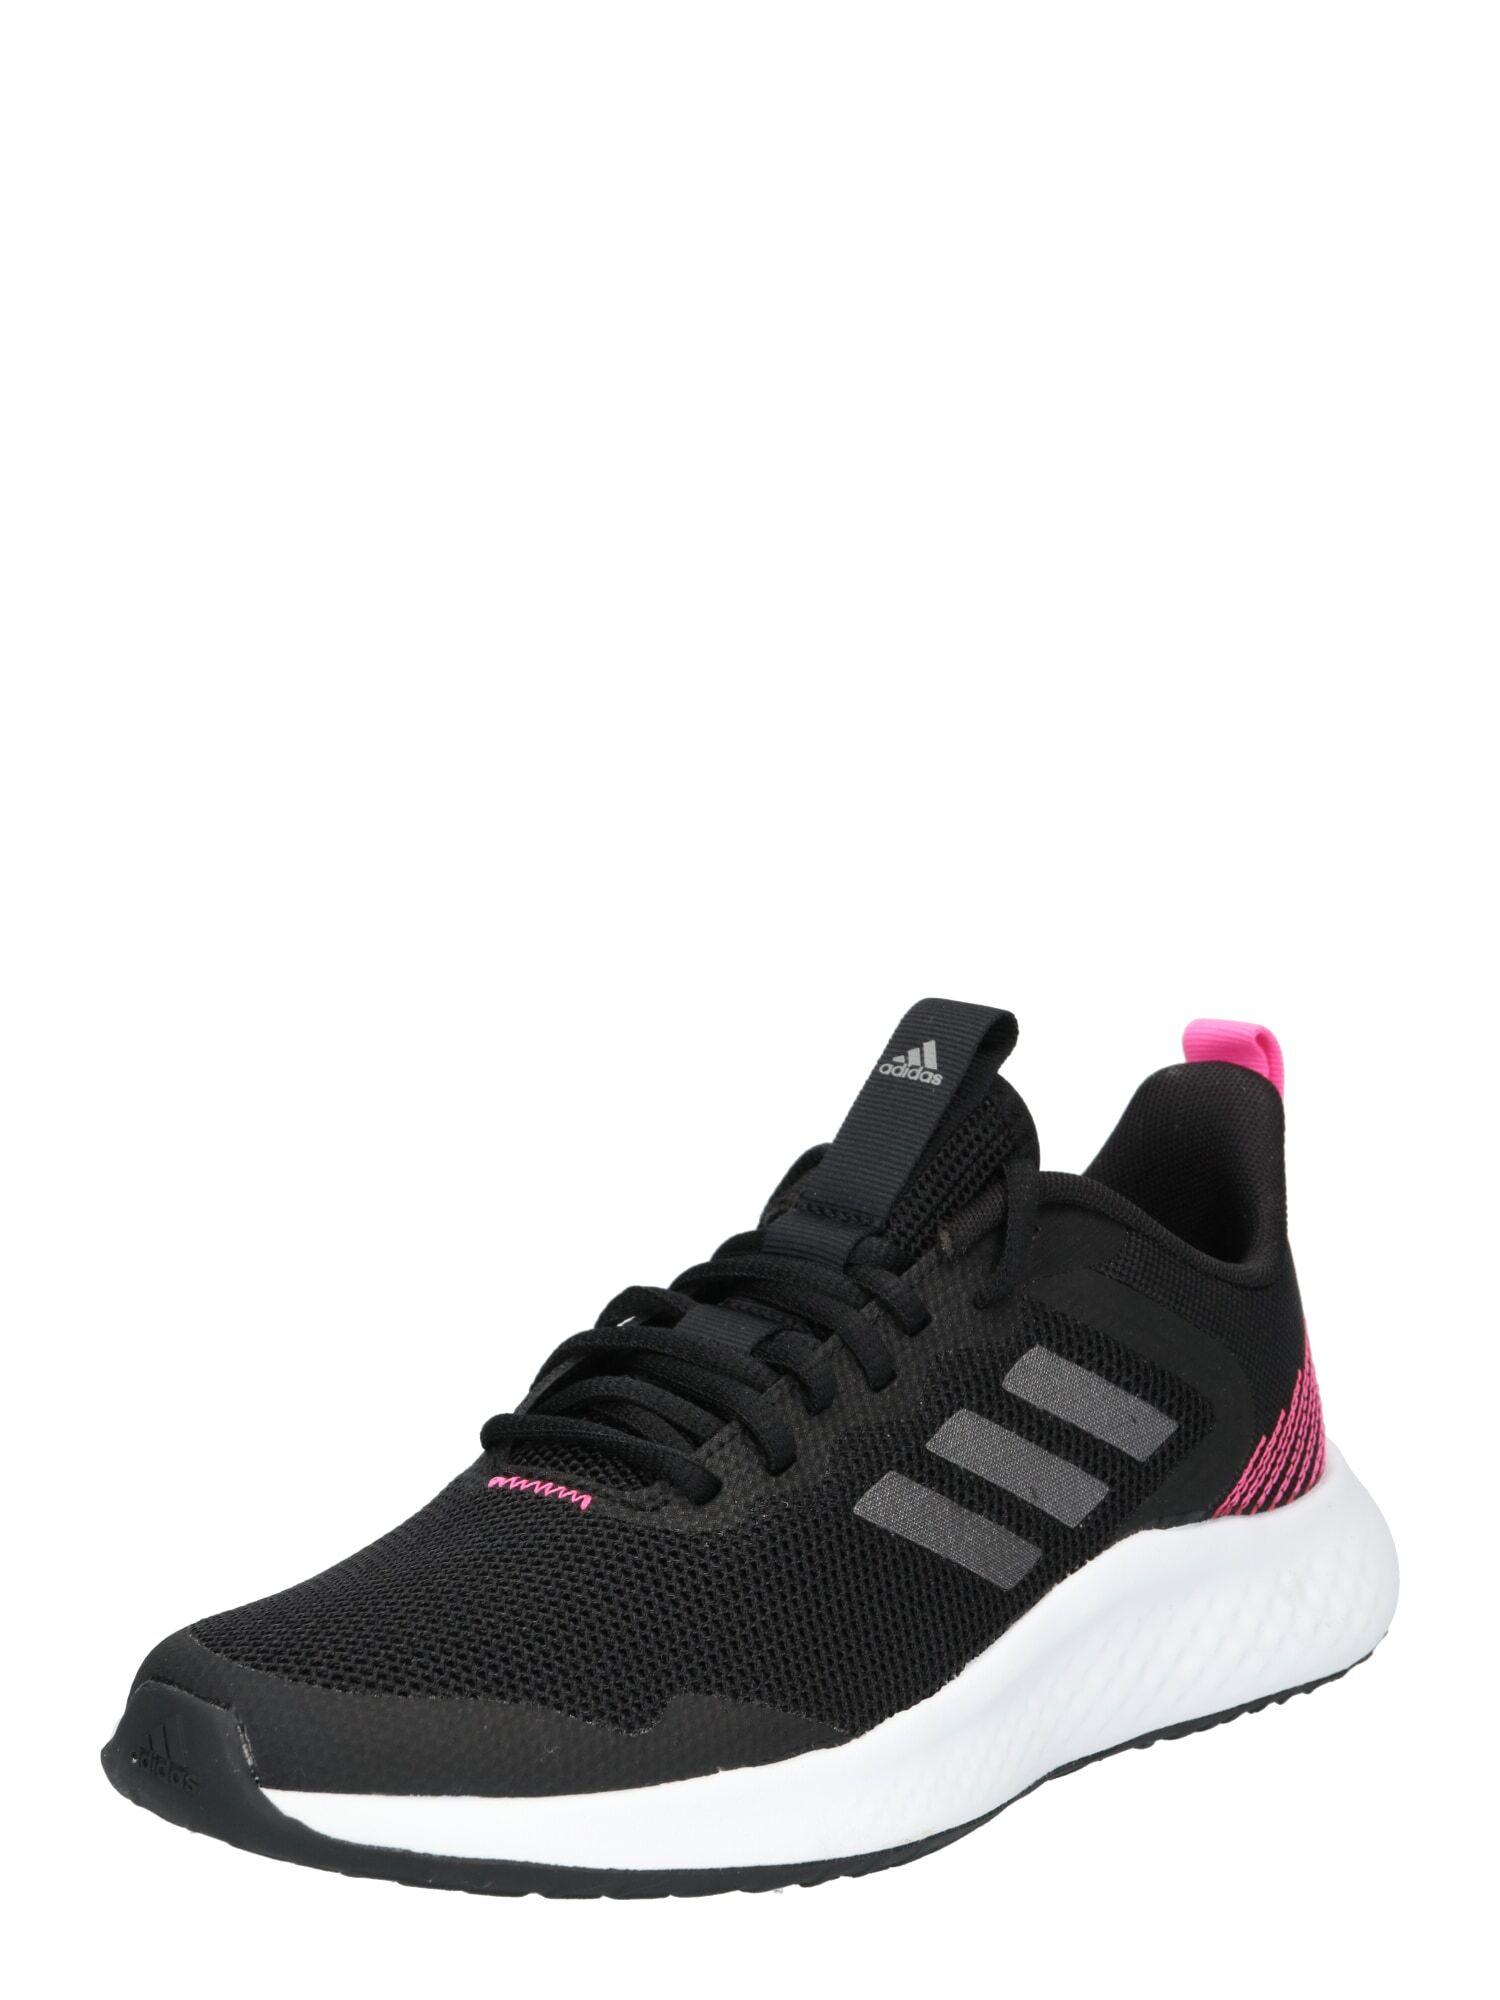 ADIDAS PERFORMANCE Chaussure de course  - Noir - Taille: 41-41.5 - female